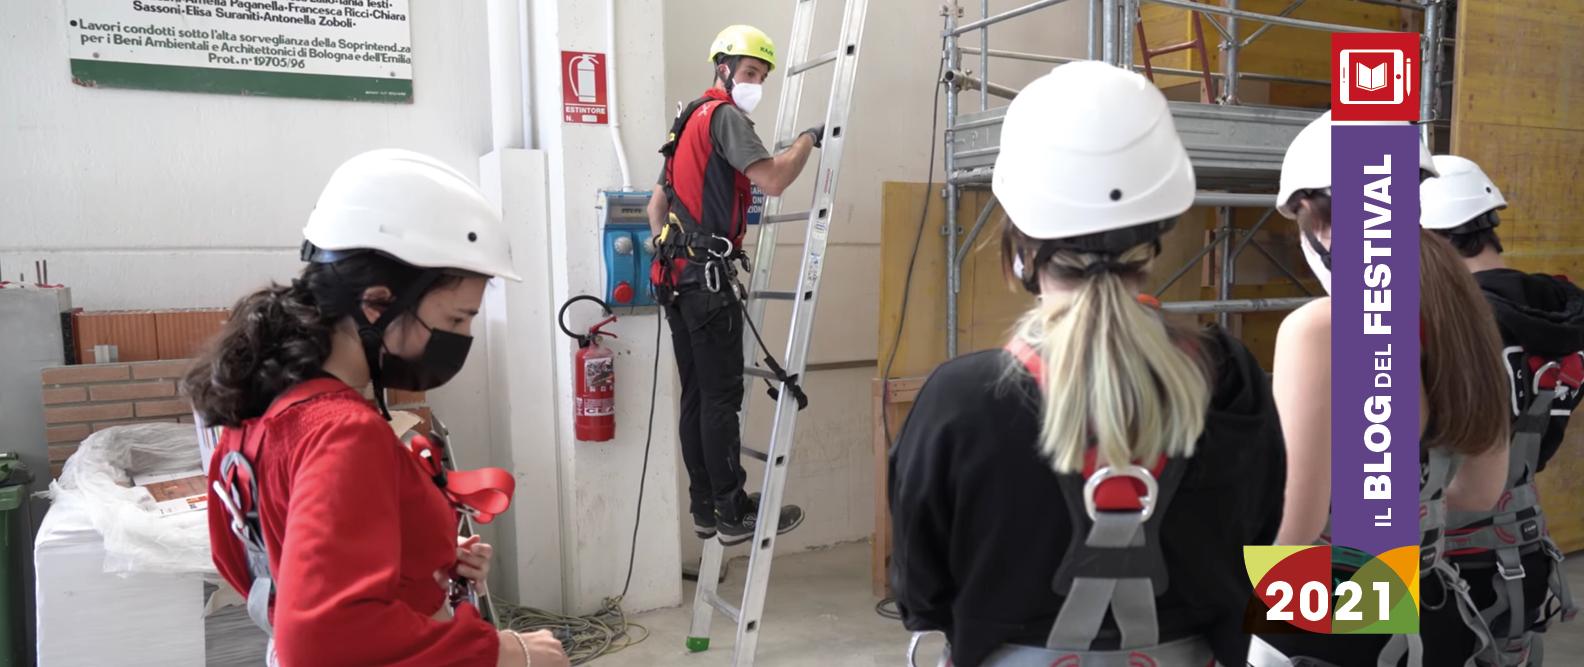 La cultura della salute e della sicurezza sui luoghi di lavoro: guarda il video del progetto 'Dalla scuola al lavoro'